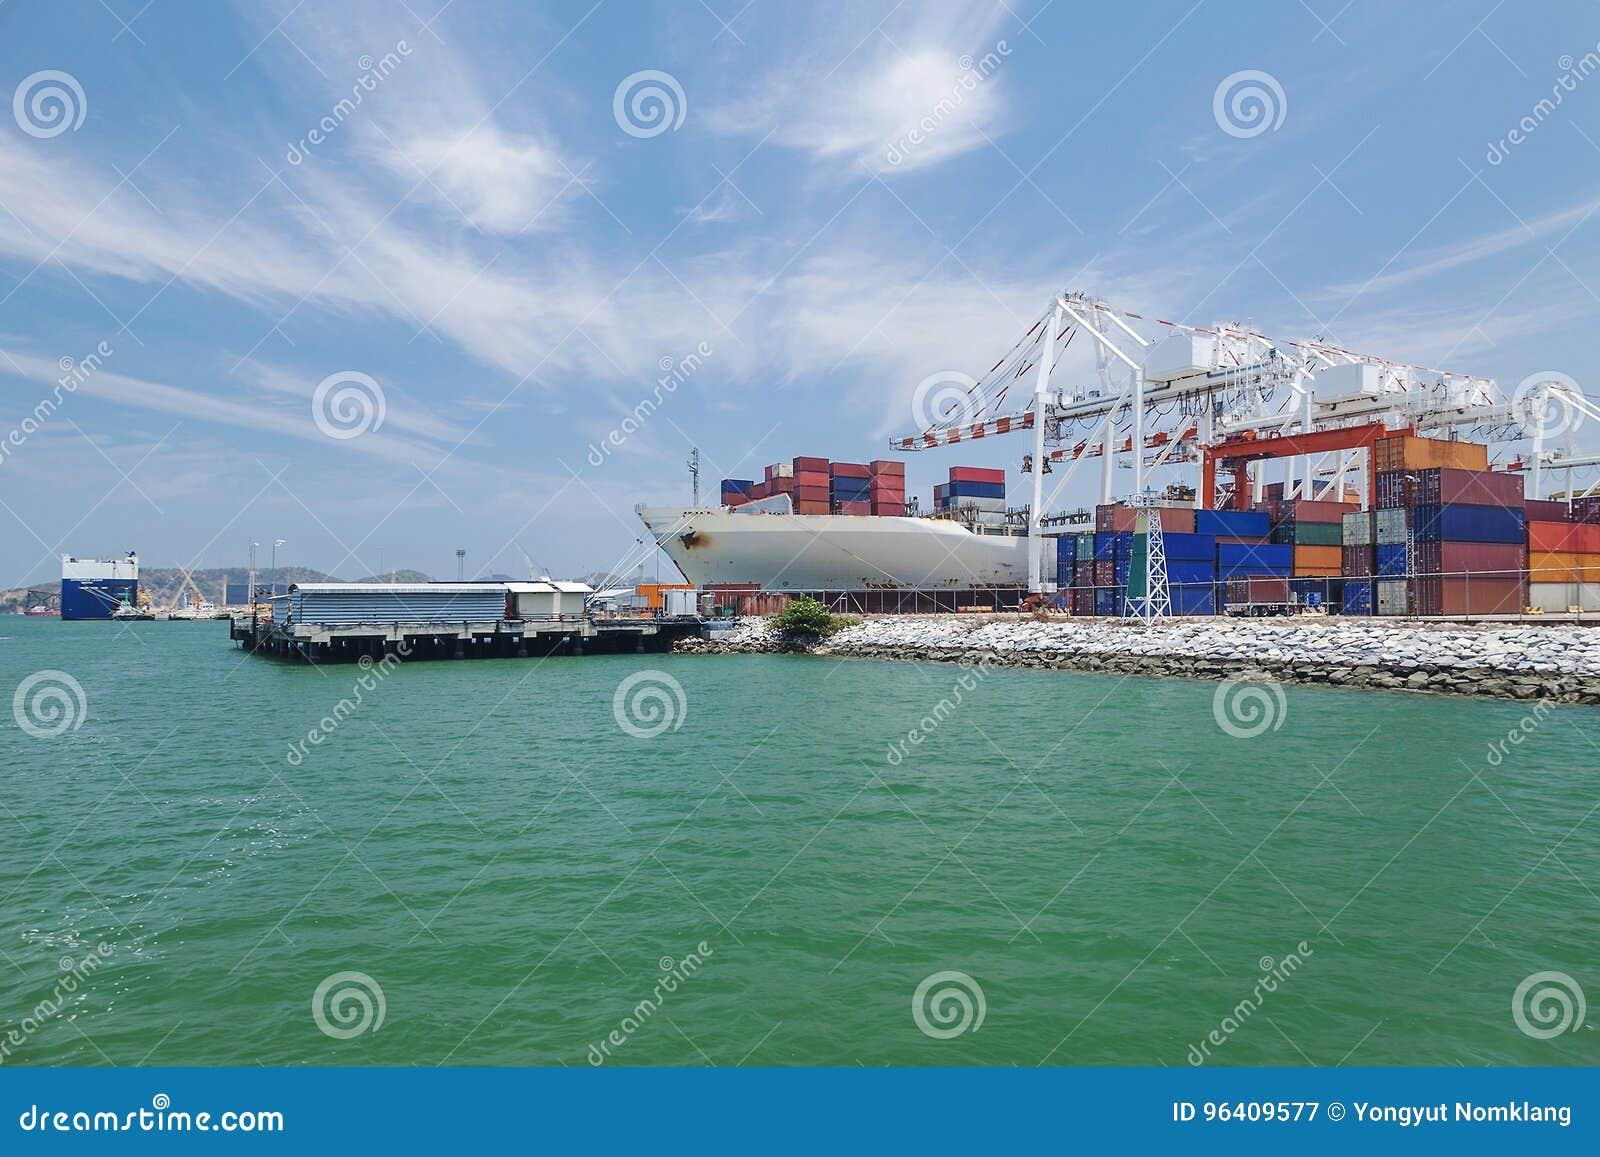 Large International Shipping Dock Stock Image - Image of